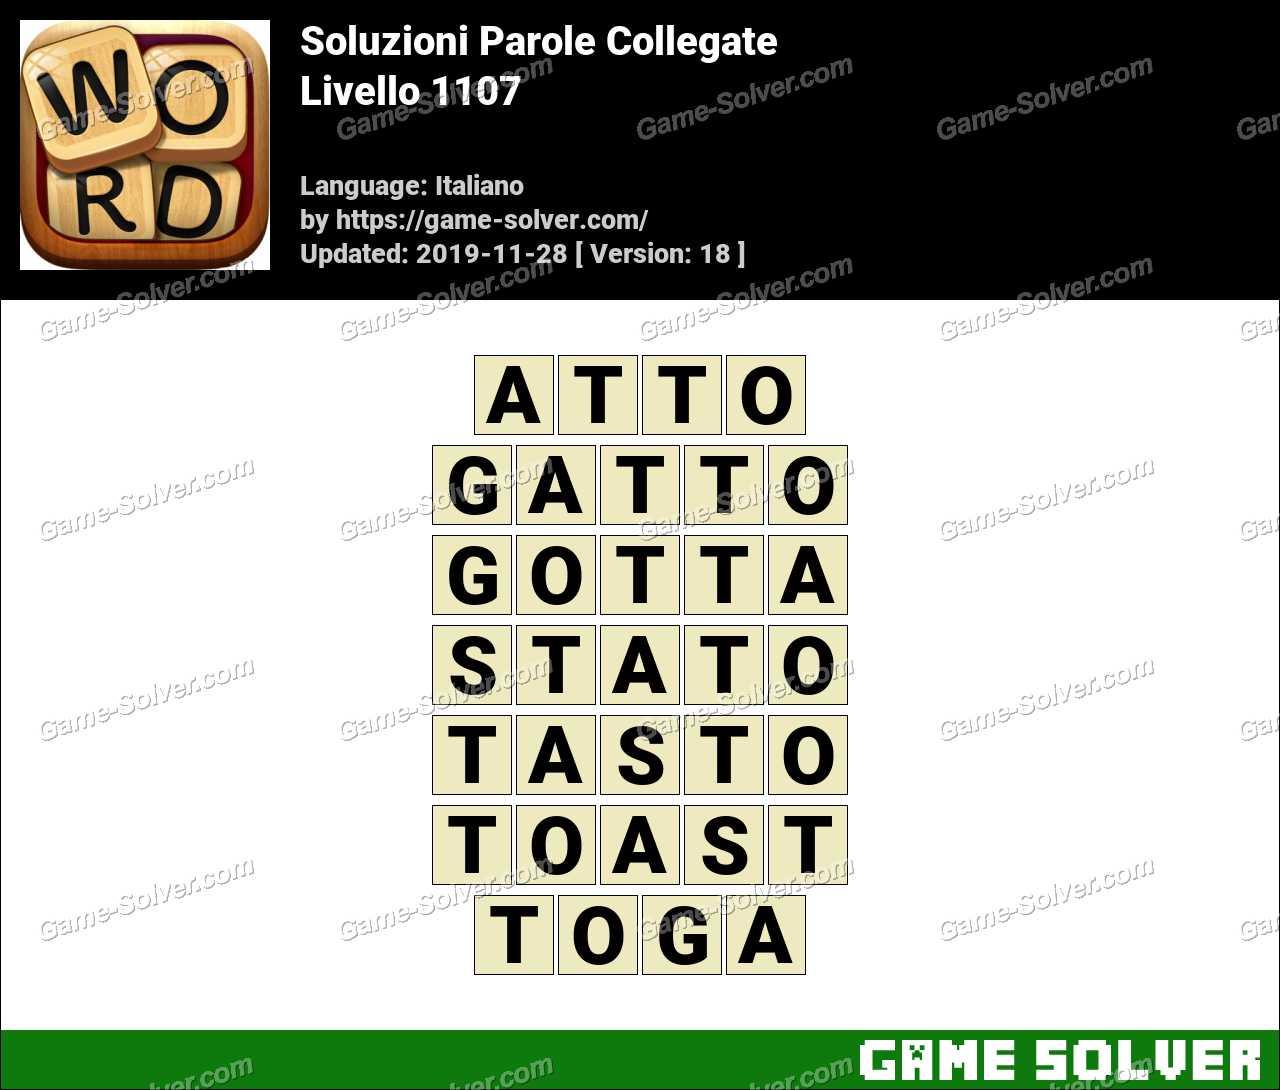 Soluzioni Parole Collegate Livello 1107